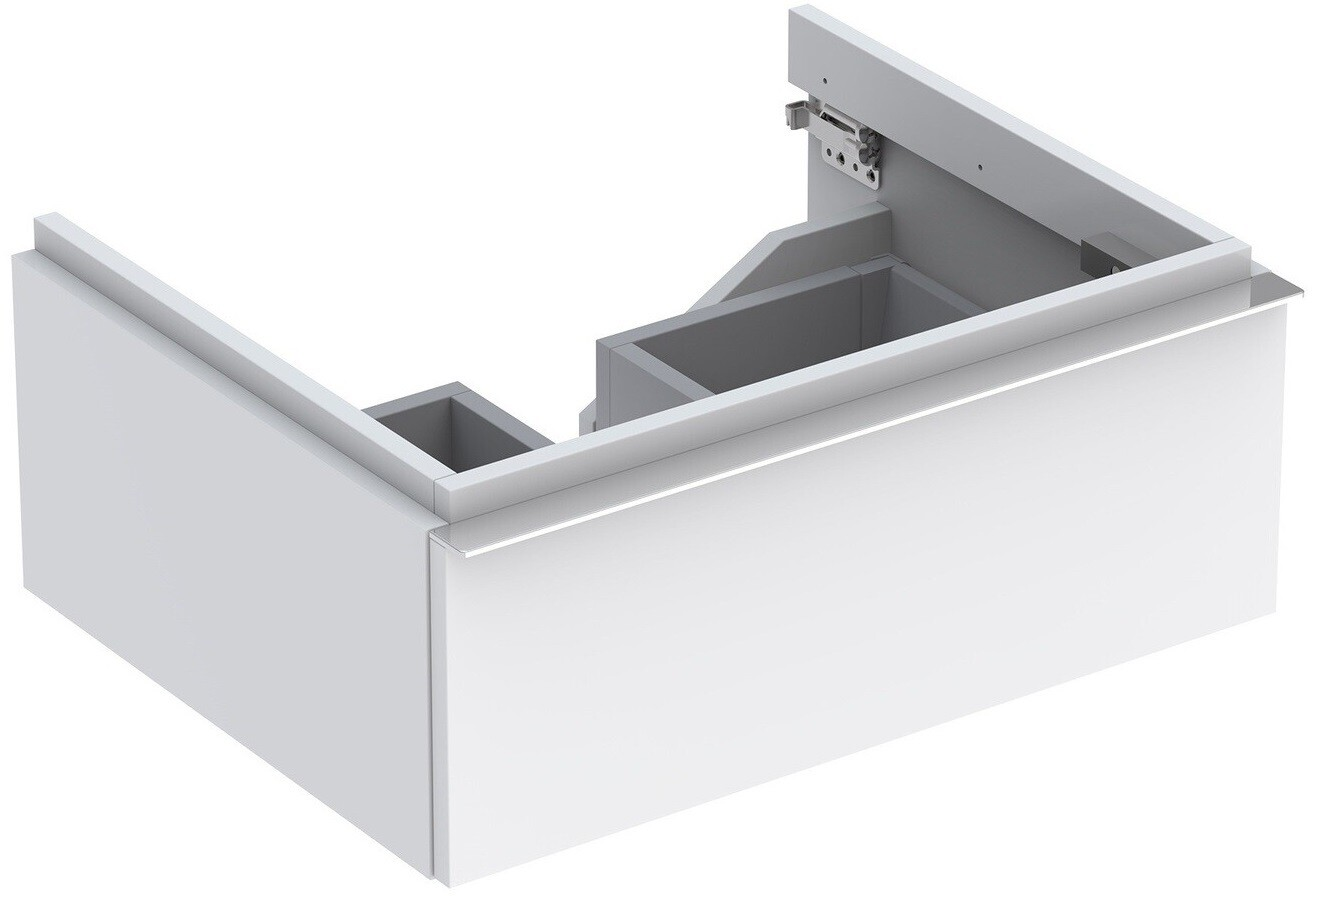 Meuble bas pour lavabo Geberit iCon 75 cm avec un tiroir en blanc laqué ultra-brillant